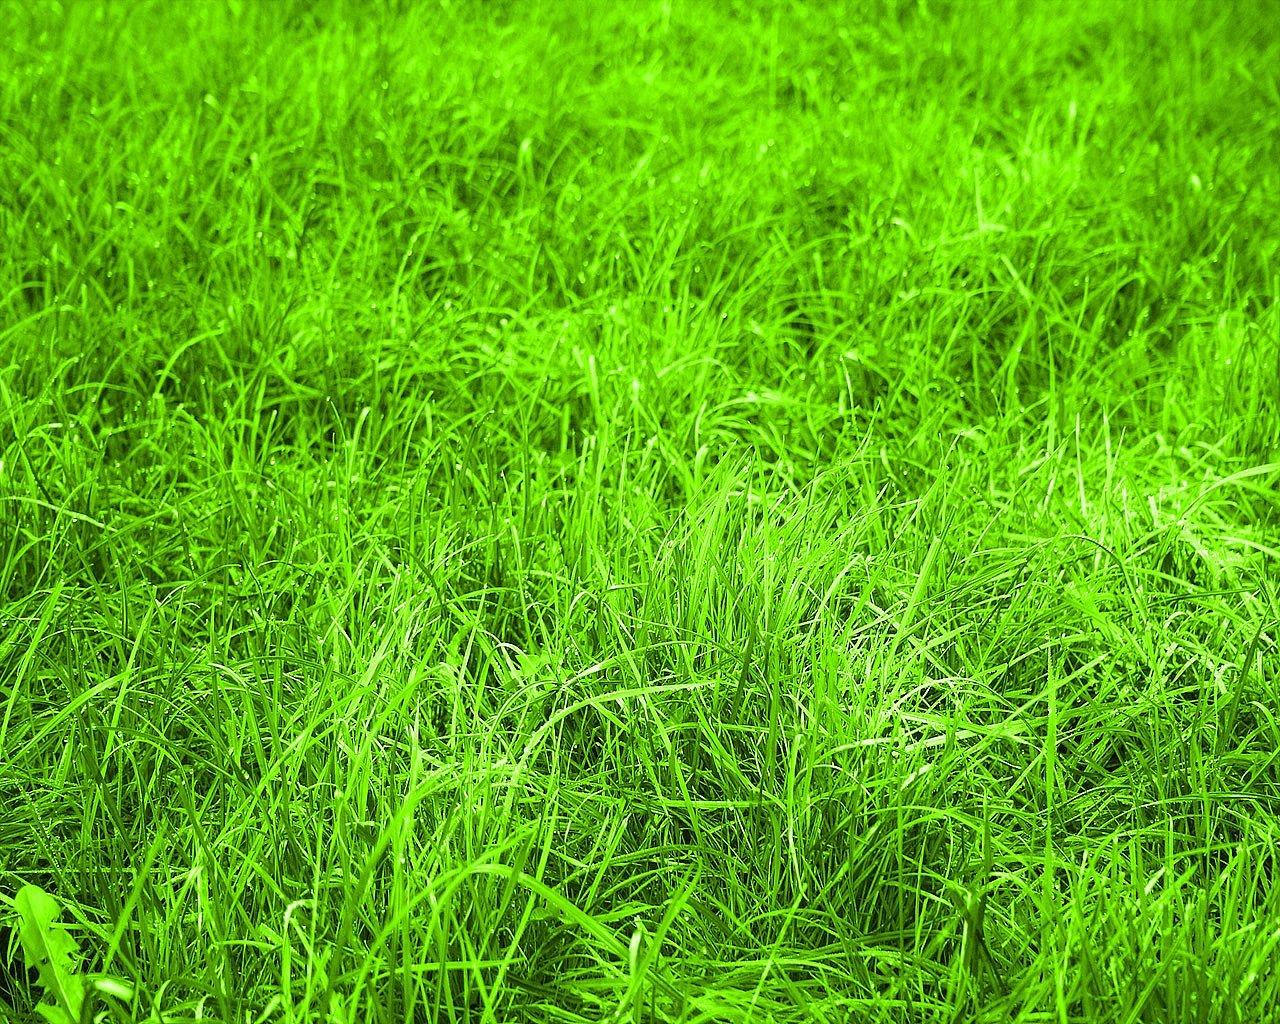 Got grass